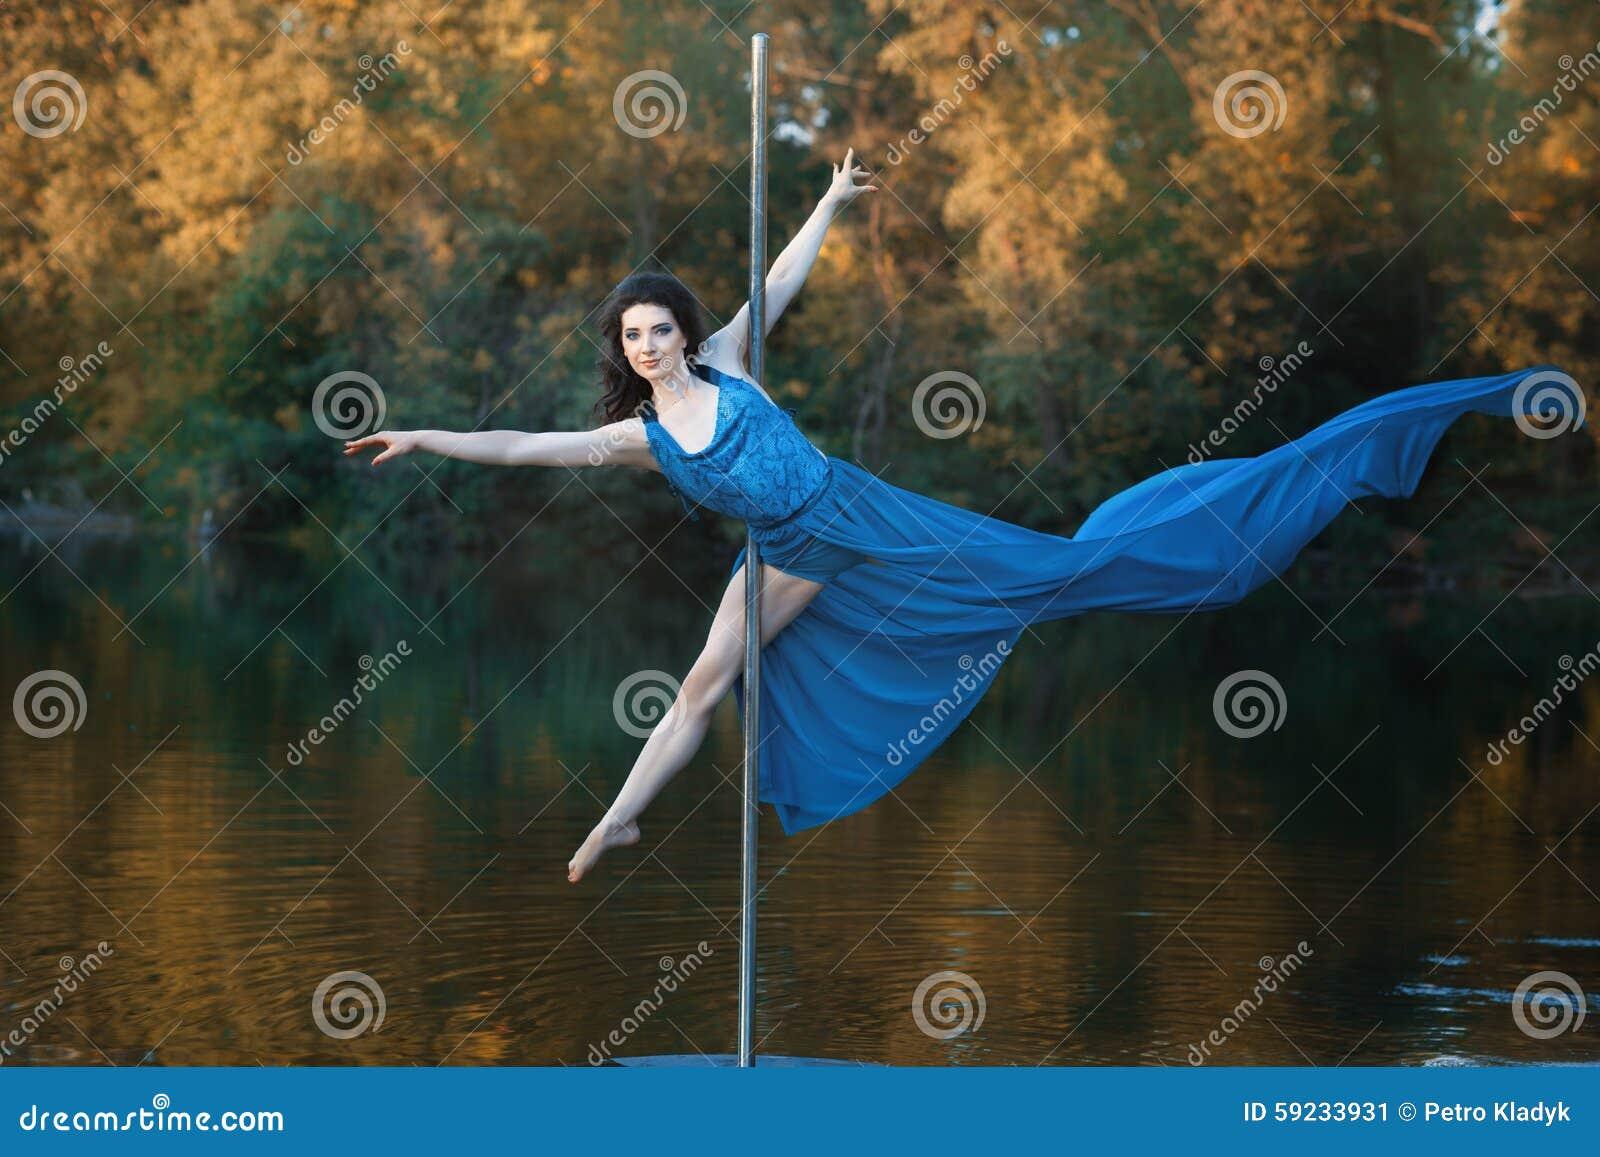 Download La Muchacha En Vestido Que Fluye Está Bailando Alrededor De Una Danza Del Polo Imagen de archivo - Imagen de manera, hembras: 59233931